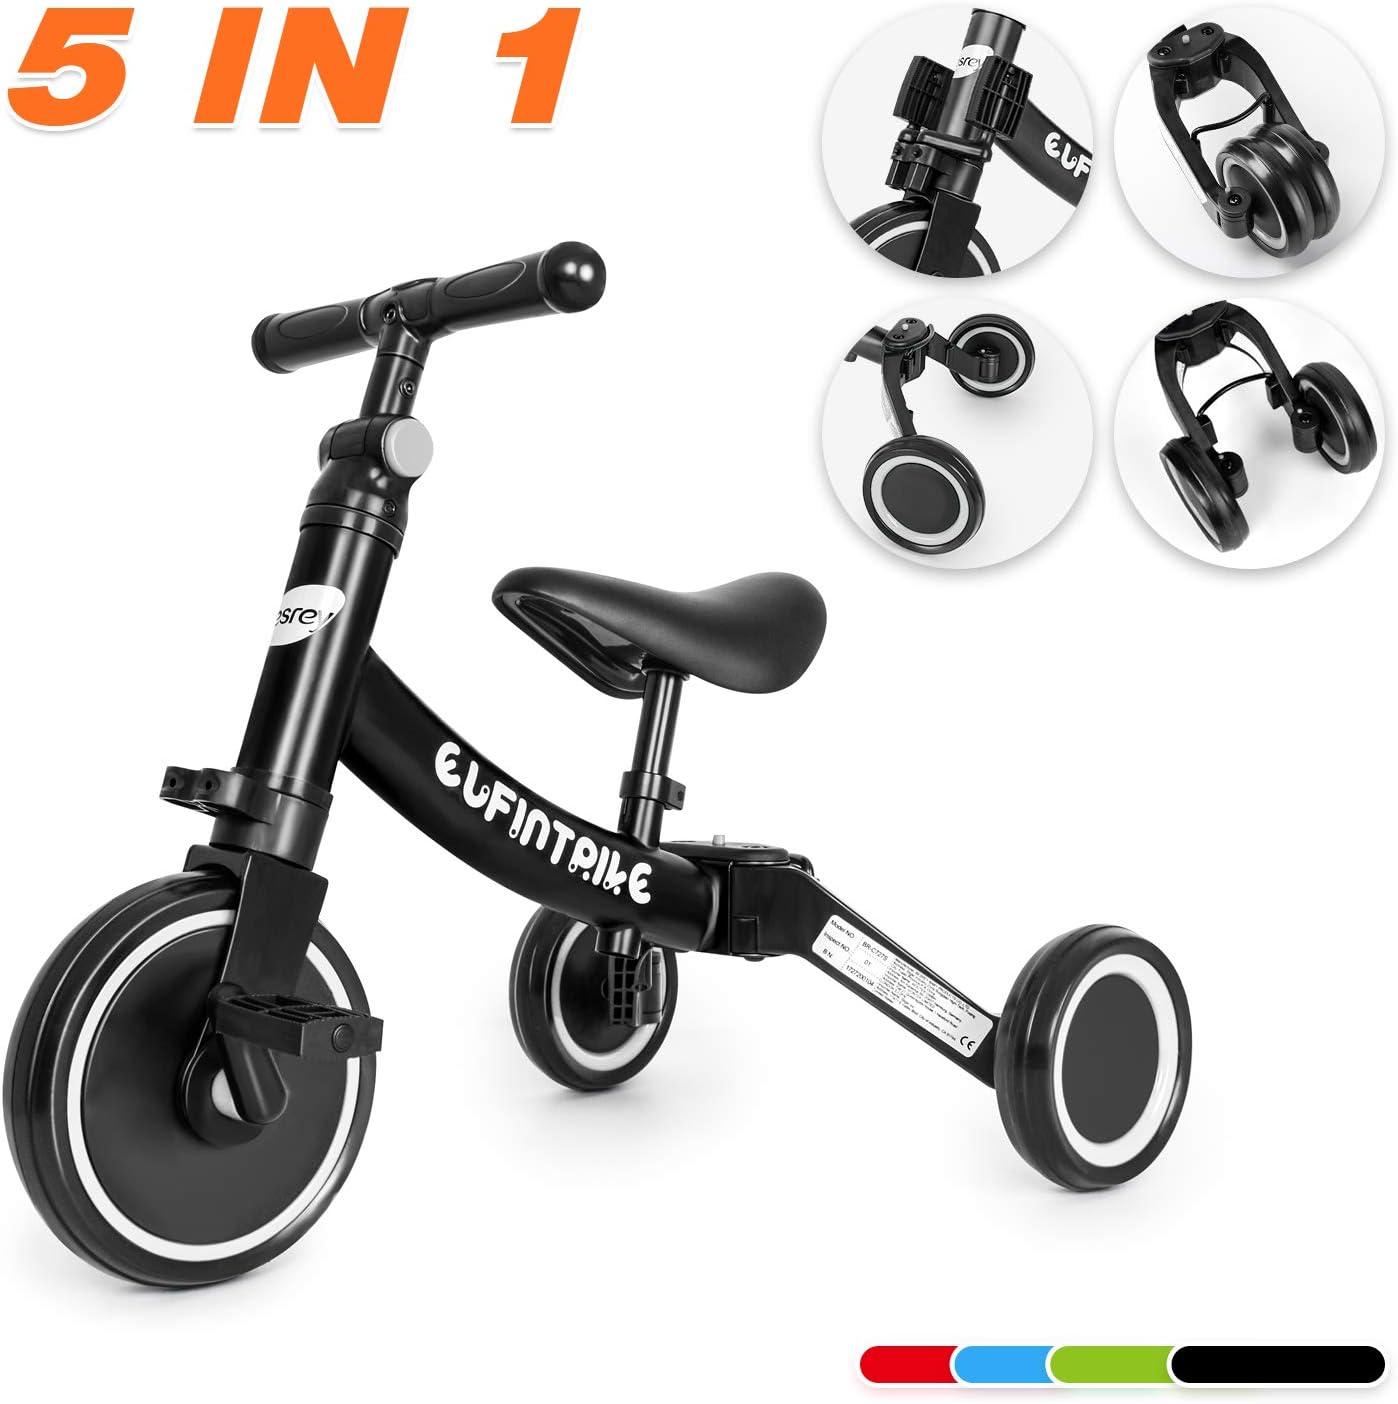 besrey Tricilos para Niños, 5 en 1 Un Bici polivalente, Triciclo & Bicicleta & Carro de Equilibrio & Caminante, 2.8kg Ligero y portátil, Adecuado para niños de 1.5-4 años (Negro Elegante)